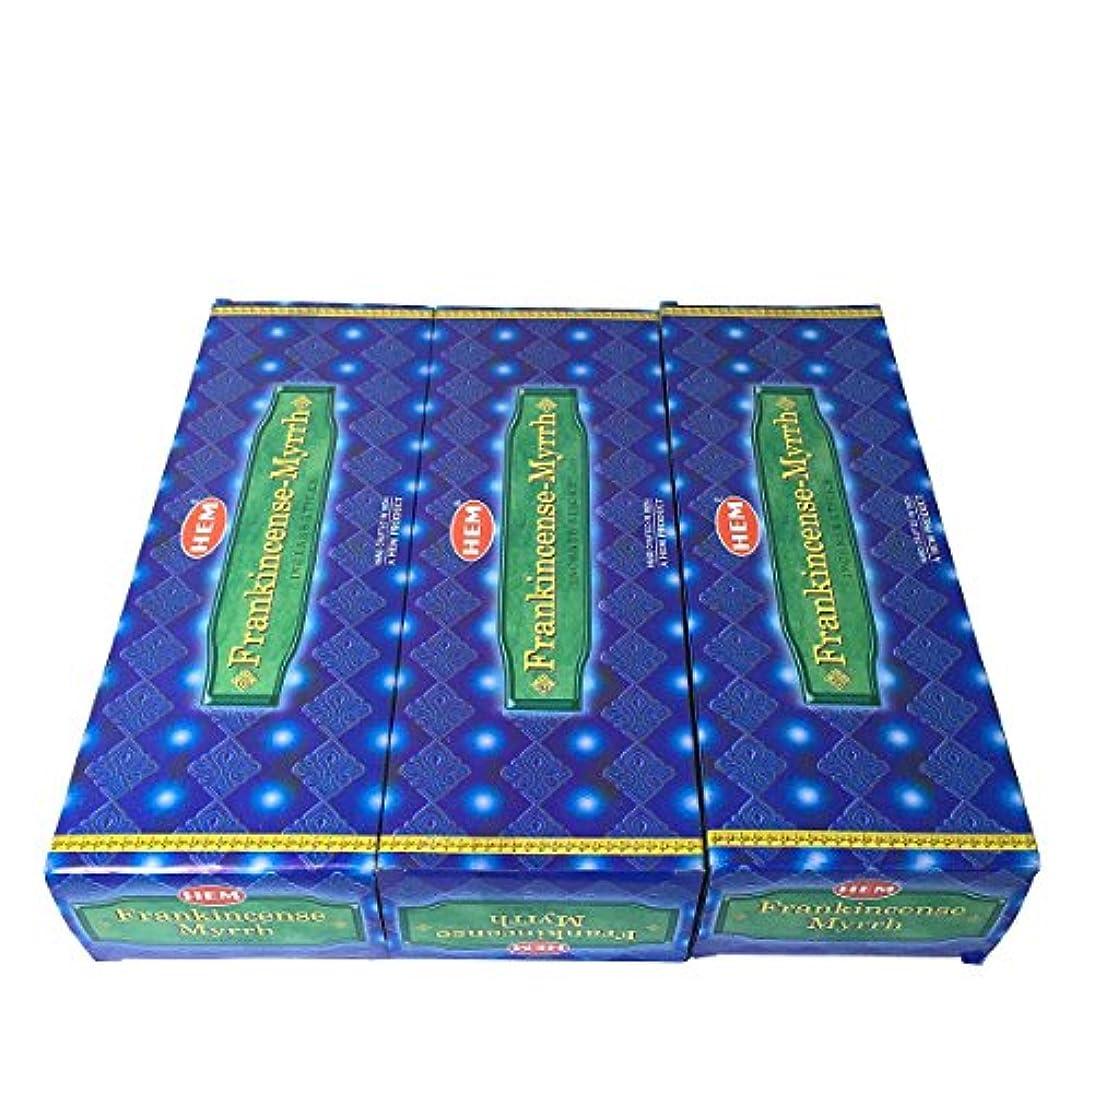 ちょうつがい挑むバッチフランキンセンス ミルラ香スティック 3BOX(18箱) /HEM FRANKINCENSE MYRRH/インセンス/インド香 お香 [並行輸入品]